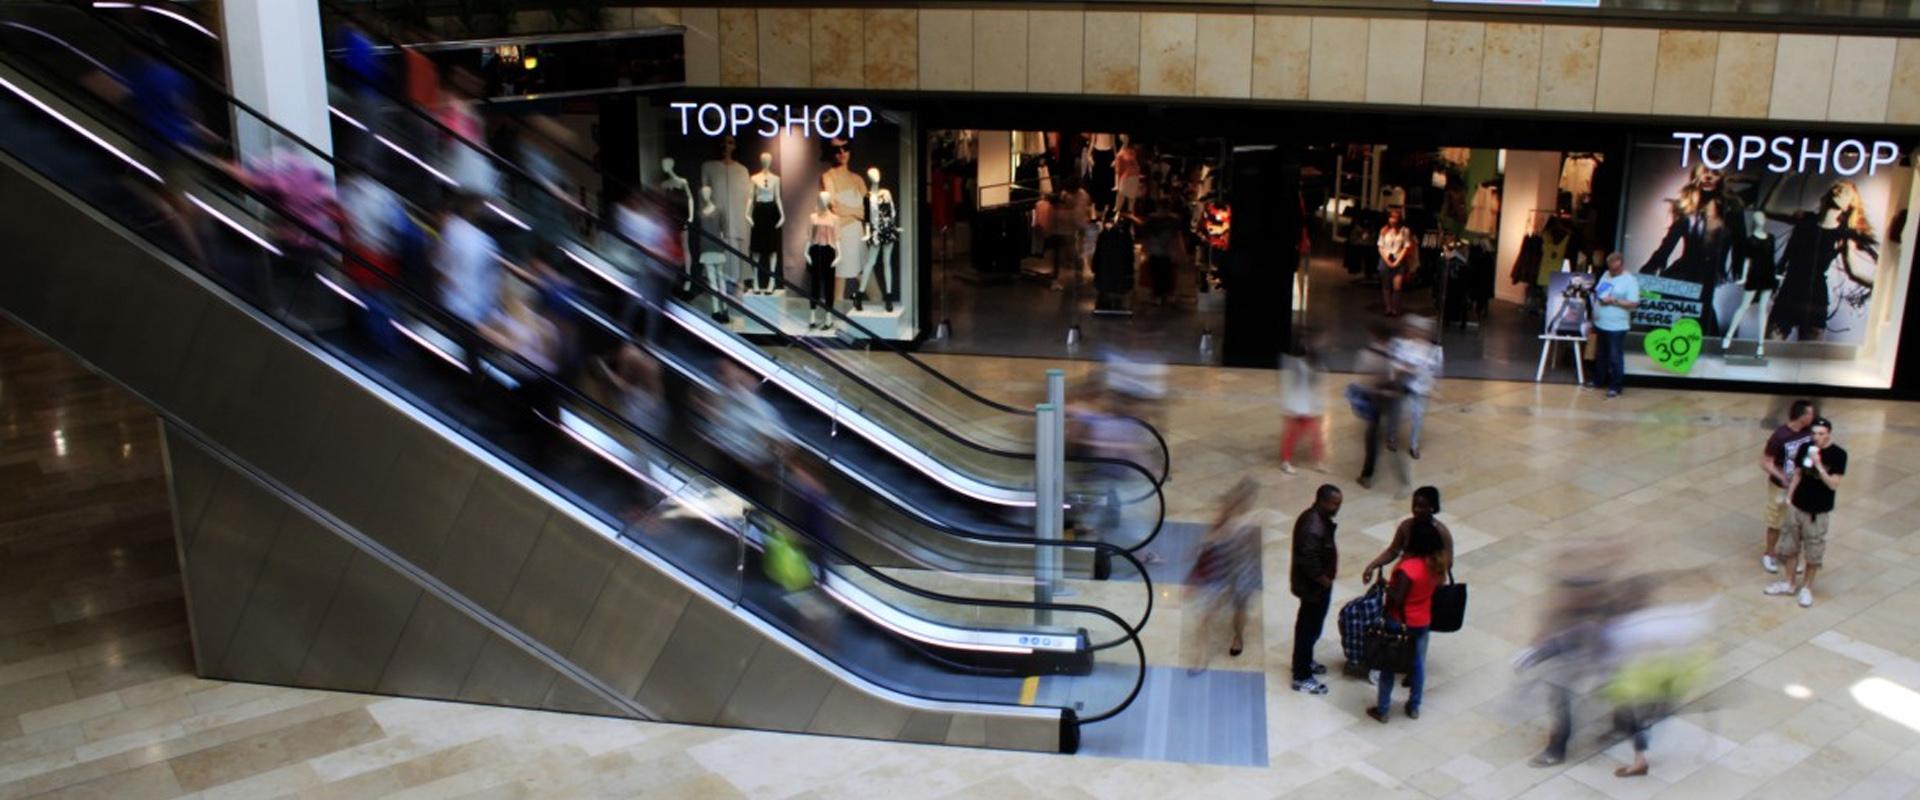 Nuevos puntos de venta diseñados para un nuevo estilo de consumidores